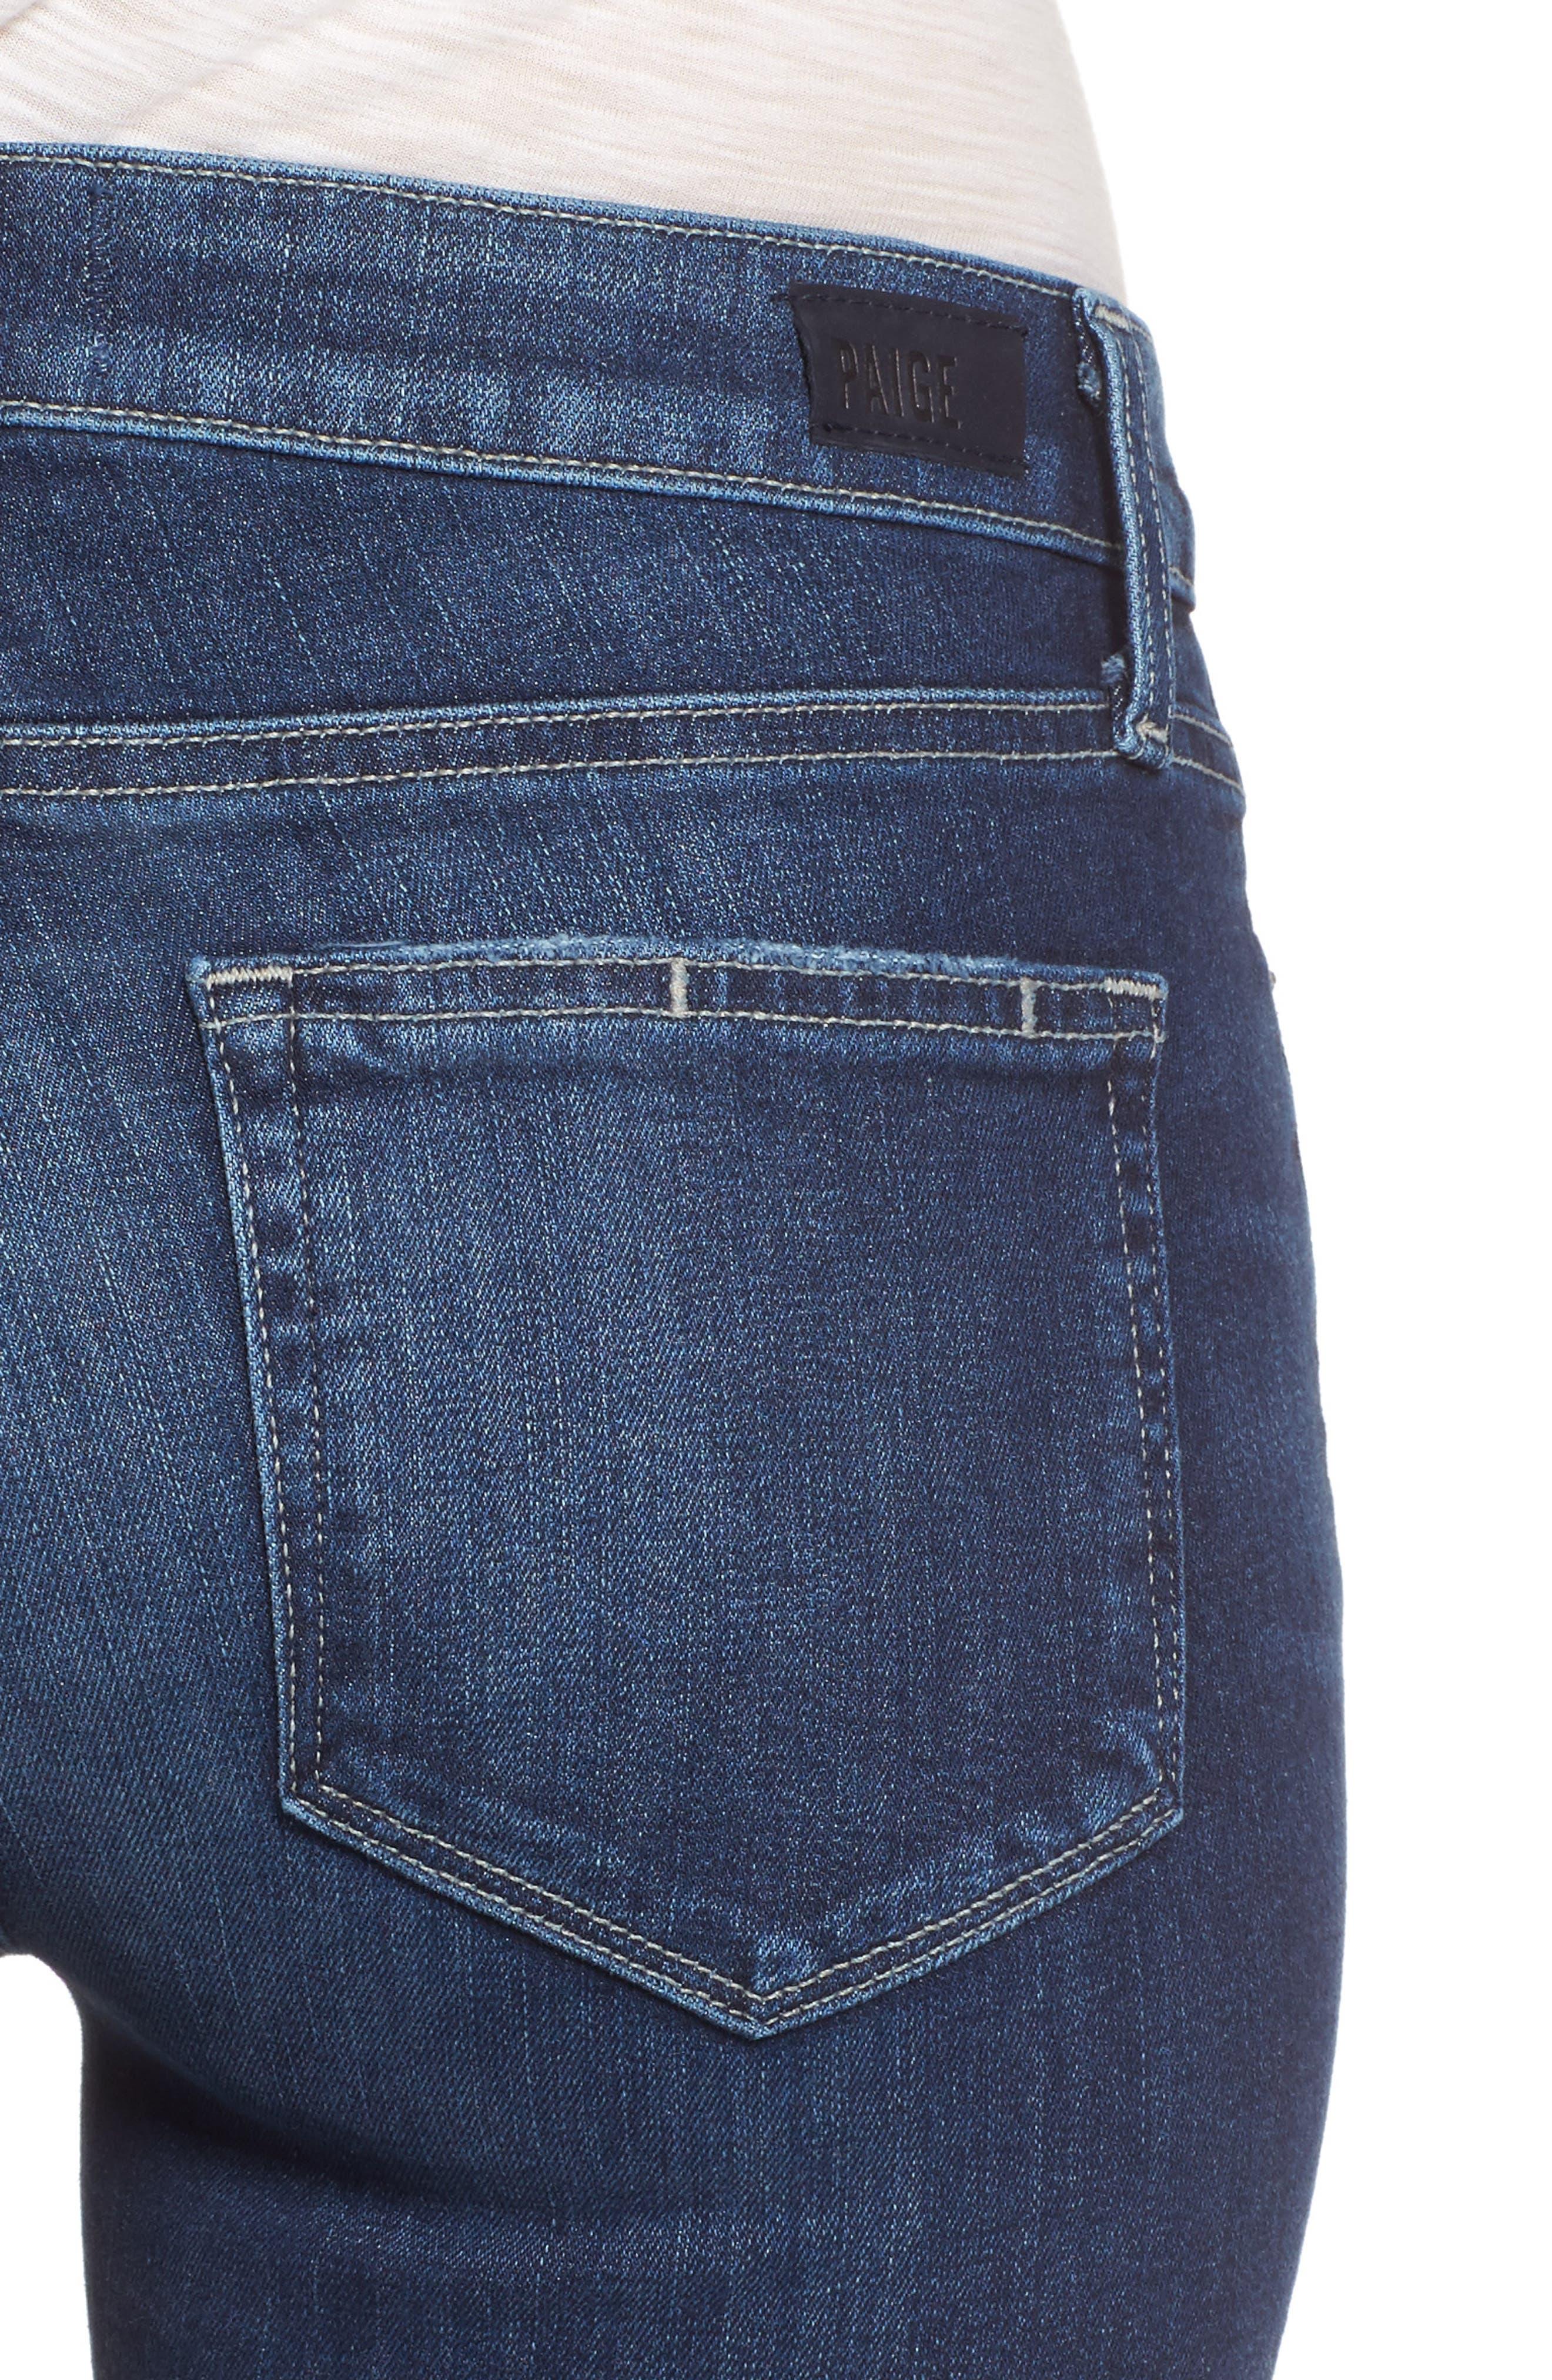 Transcend - Skyline Crop Skinny Jeans,                             Alternate thumbnail 4, color,                             Kylen